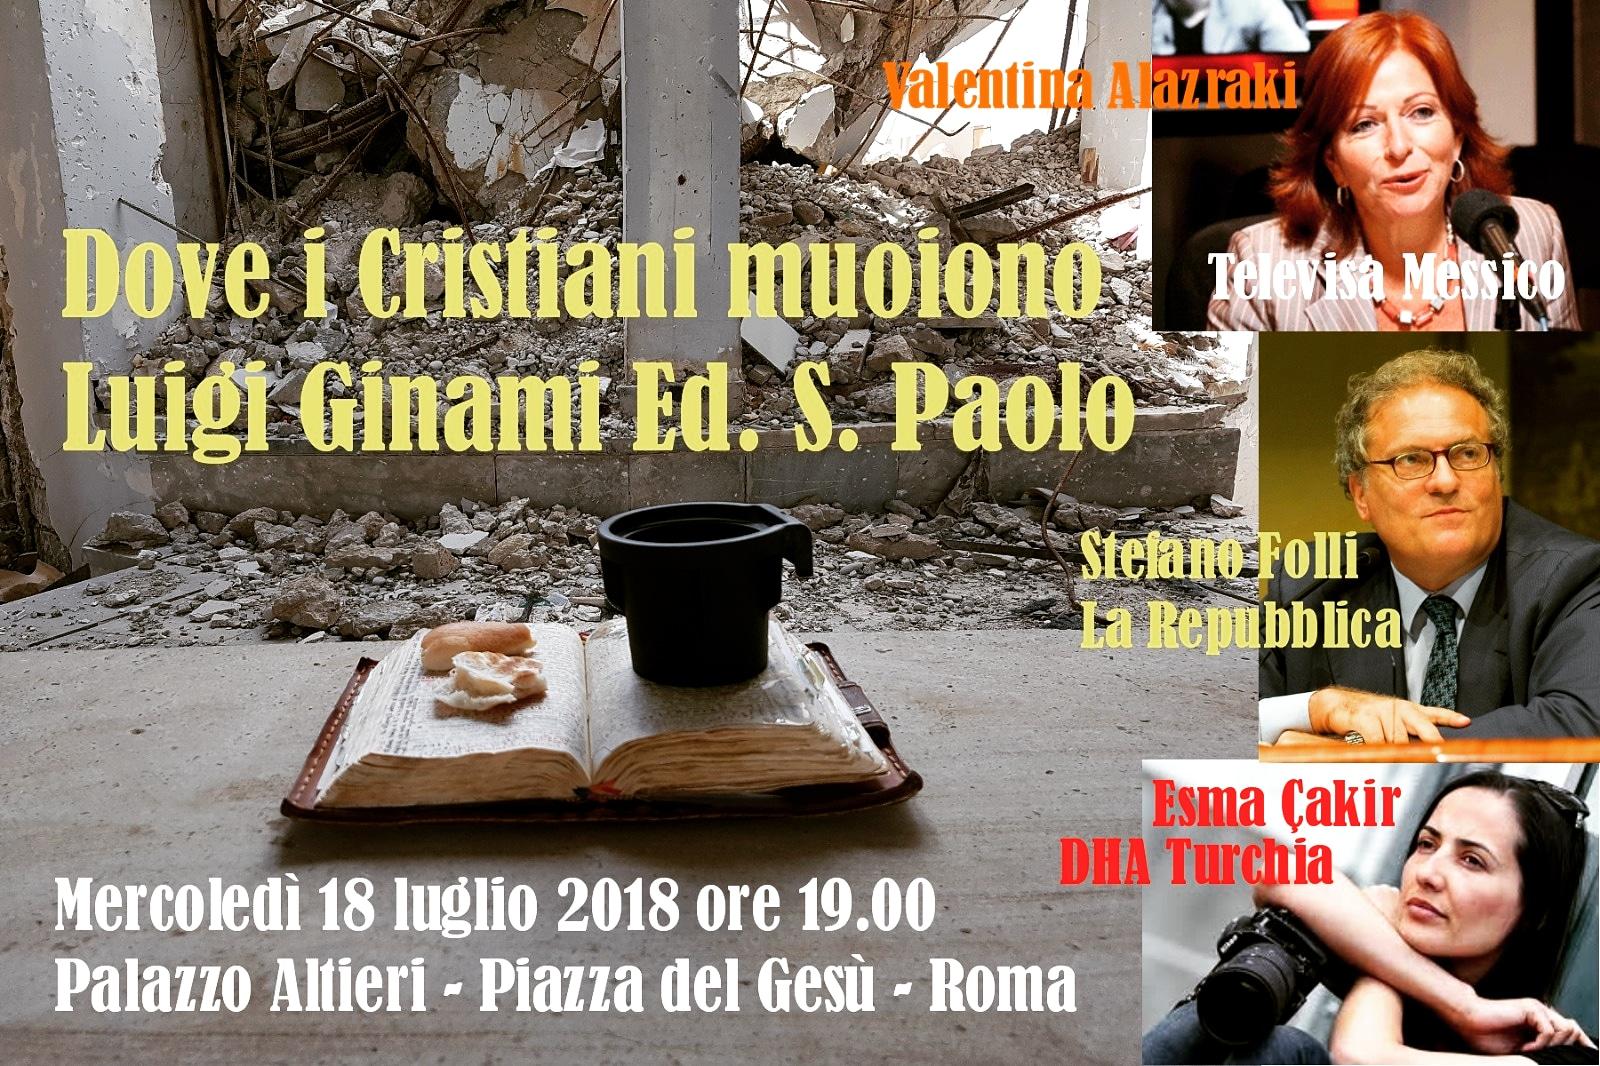 DOVE I CRISTIANI MUOIONO – Il Libro presentato a Roma in occasione 5°anniversario vita associativa